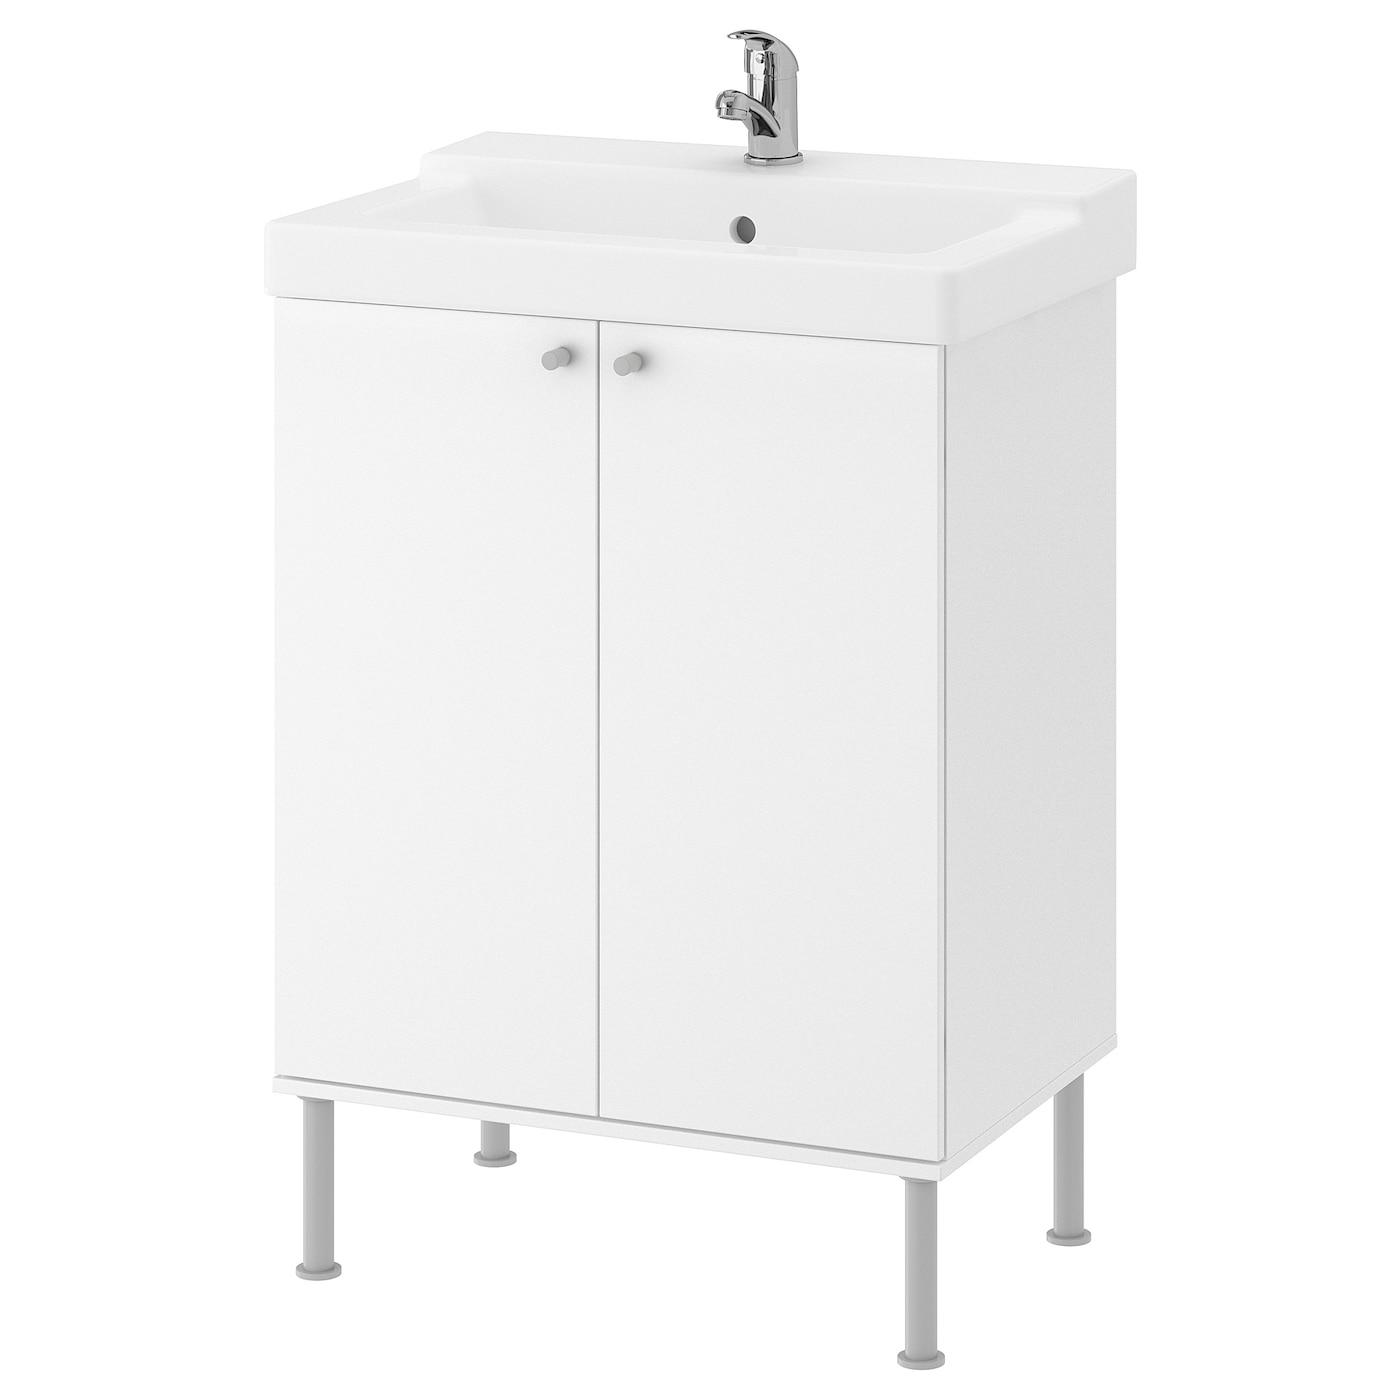 FULLEN / TÄLLEVIKEN Bathroom vanity - white, Olskär faucet ...